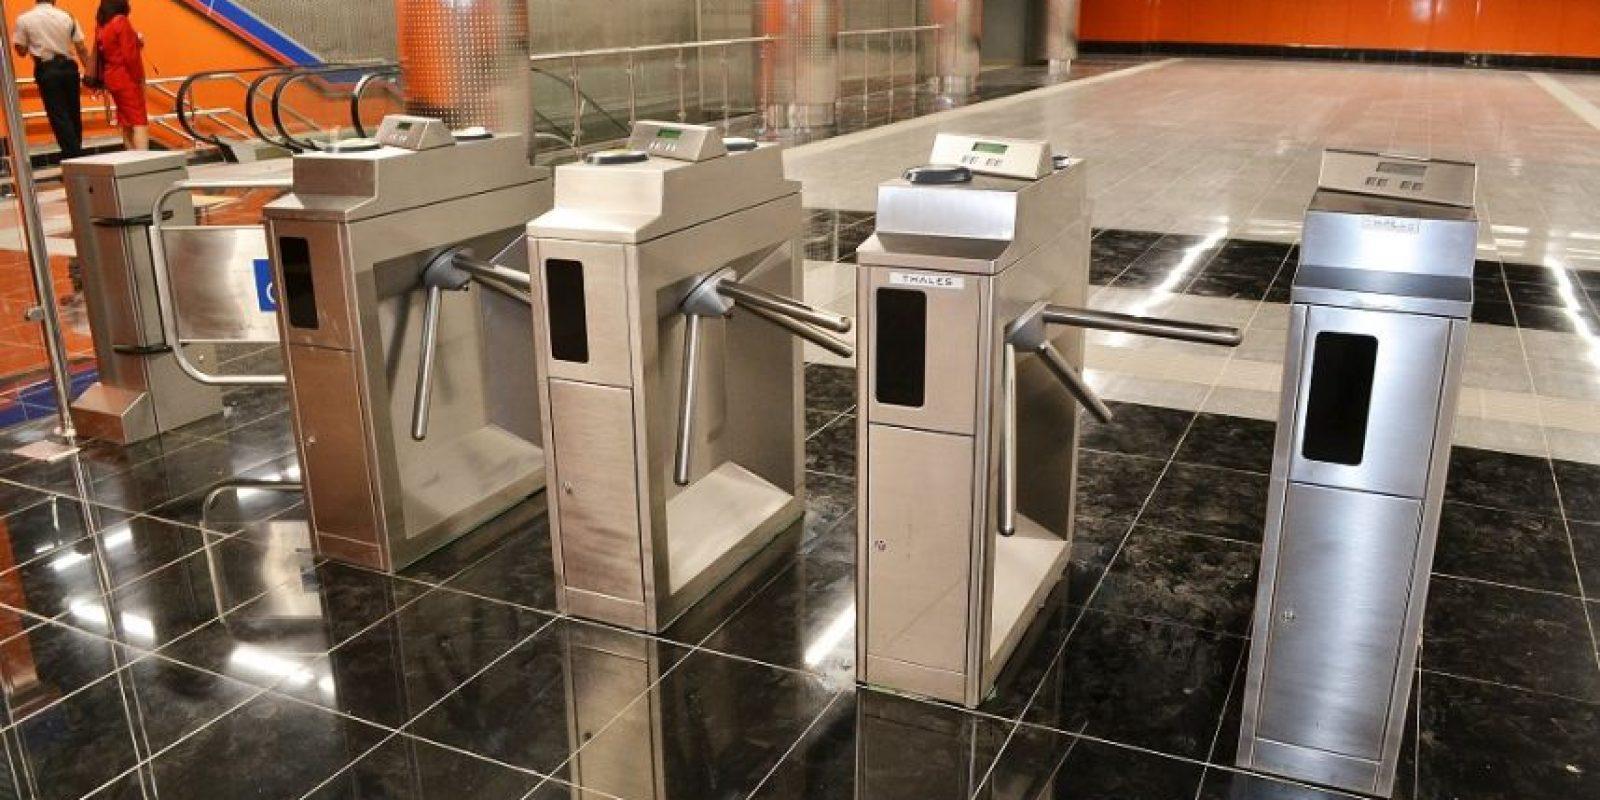 Las nuevas estaciones lucen más modernas. Foto:Mario de peña